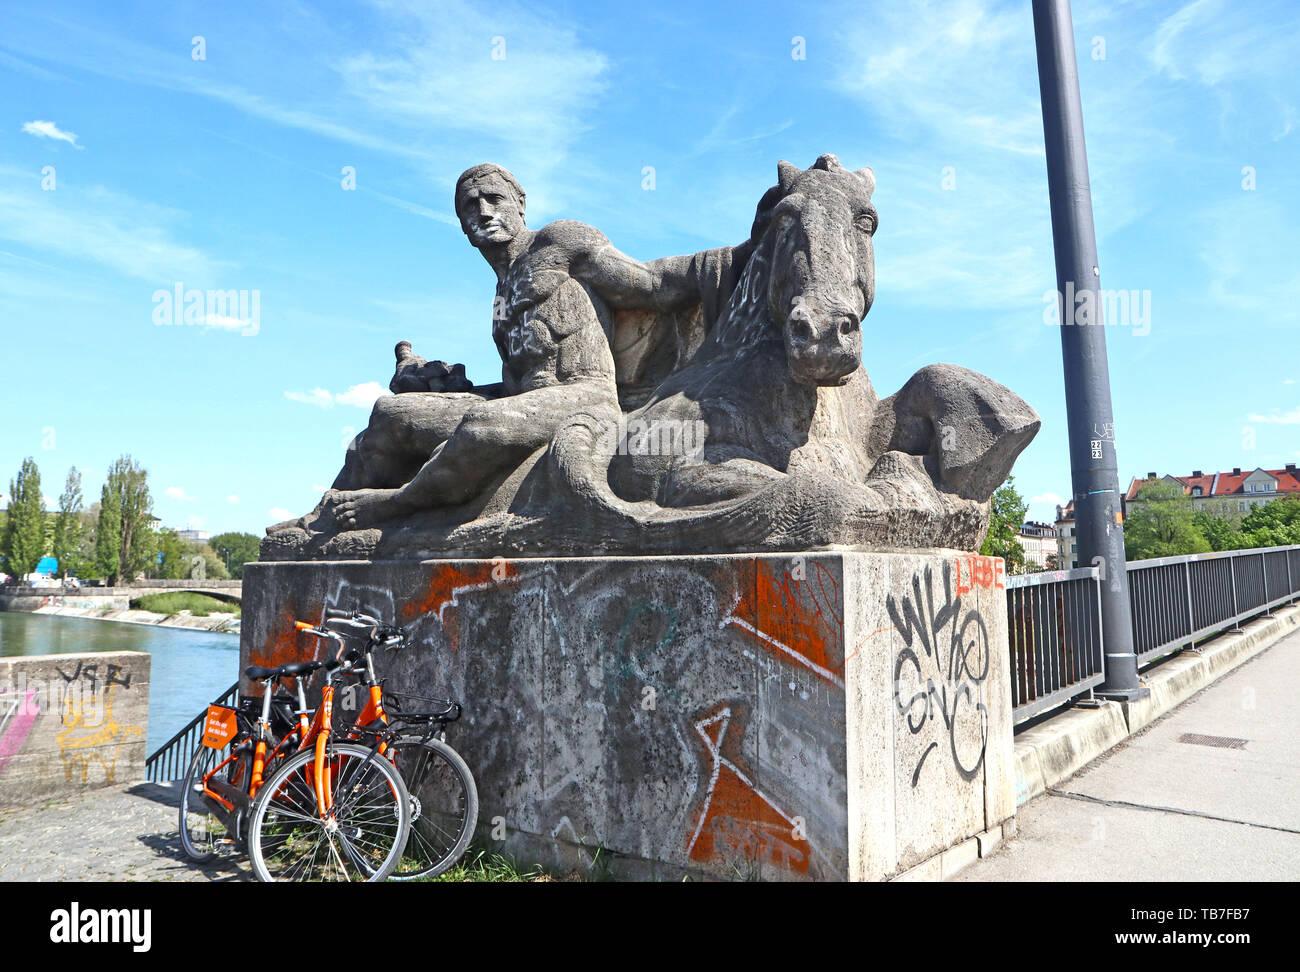 MUNICH, ALLEMAGNE - le 2 mai 2019 groupe Sculpture datée du 1925, à l'W début du Reichenbach pont sur la rivière Isar à Munich Banque D'Images